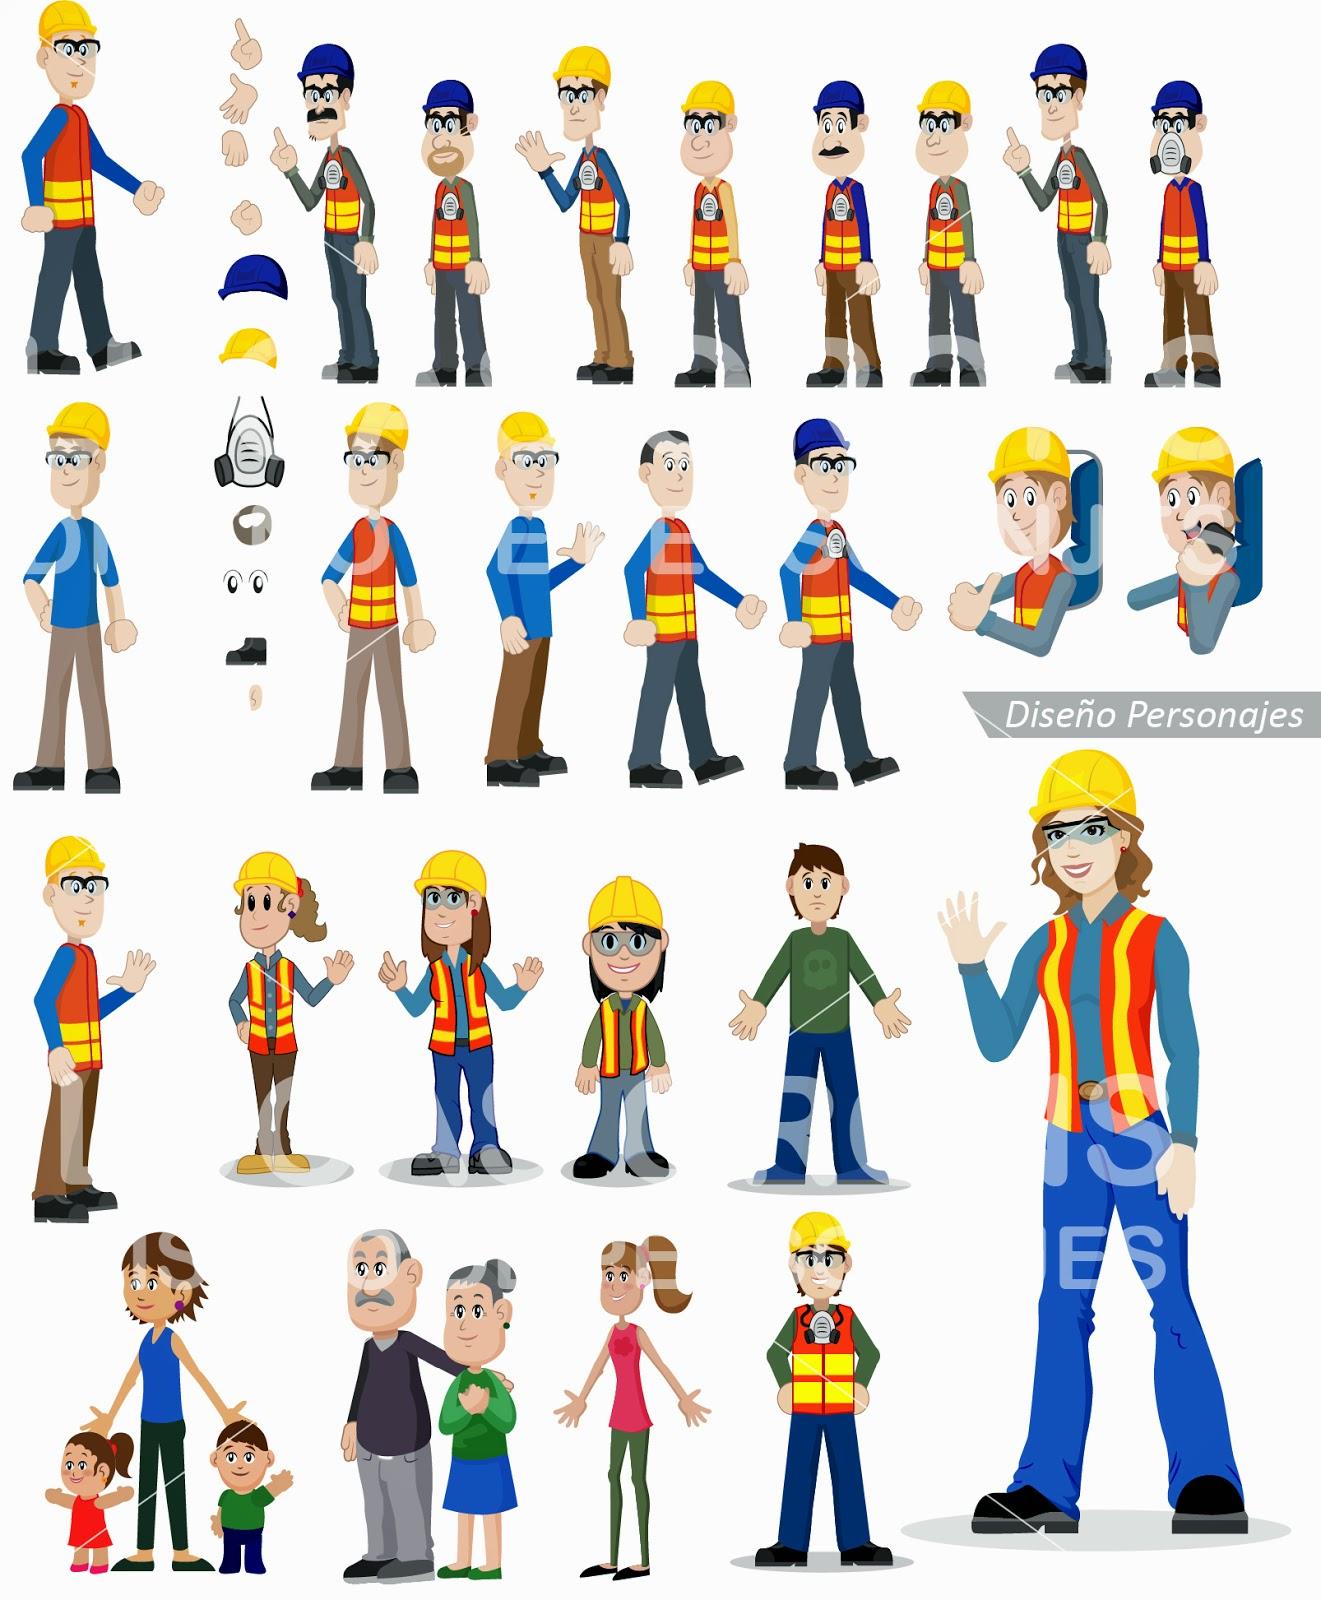 Worker workgirl personajes diseño animación illustrator vector vectorial ilustración